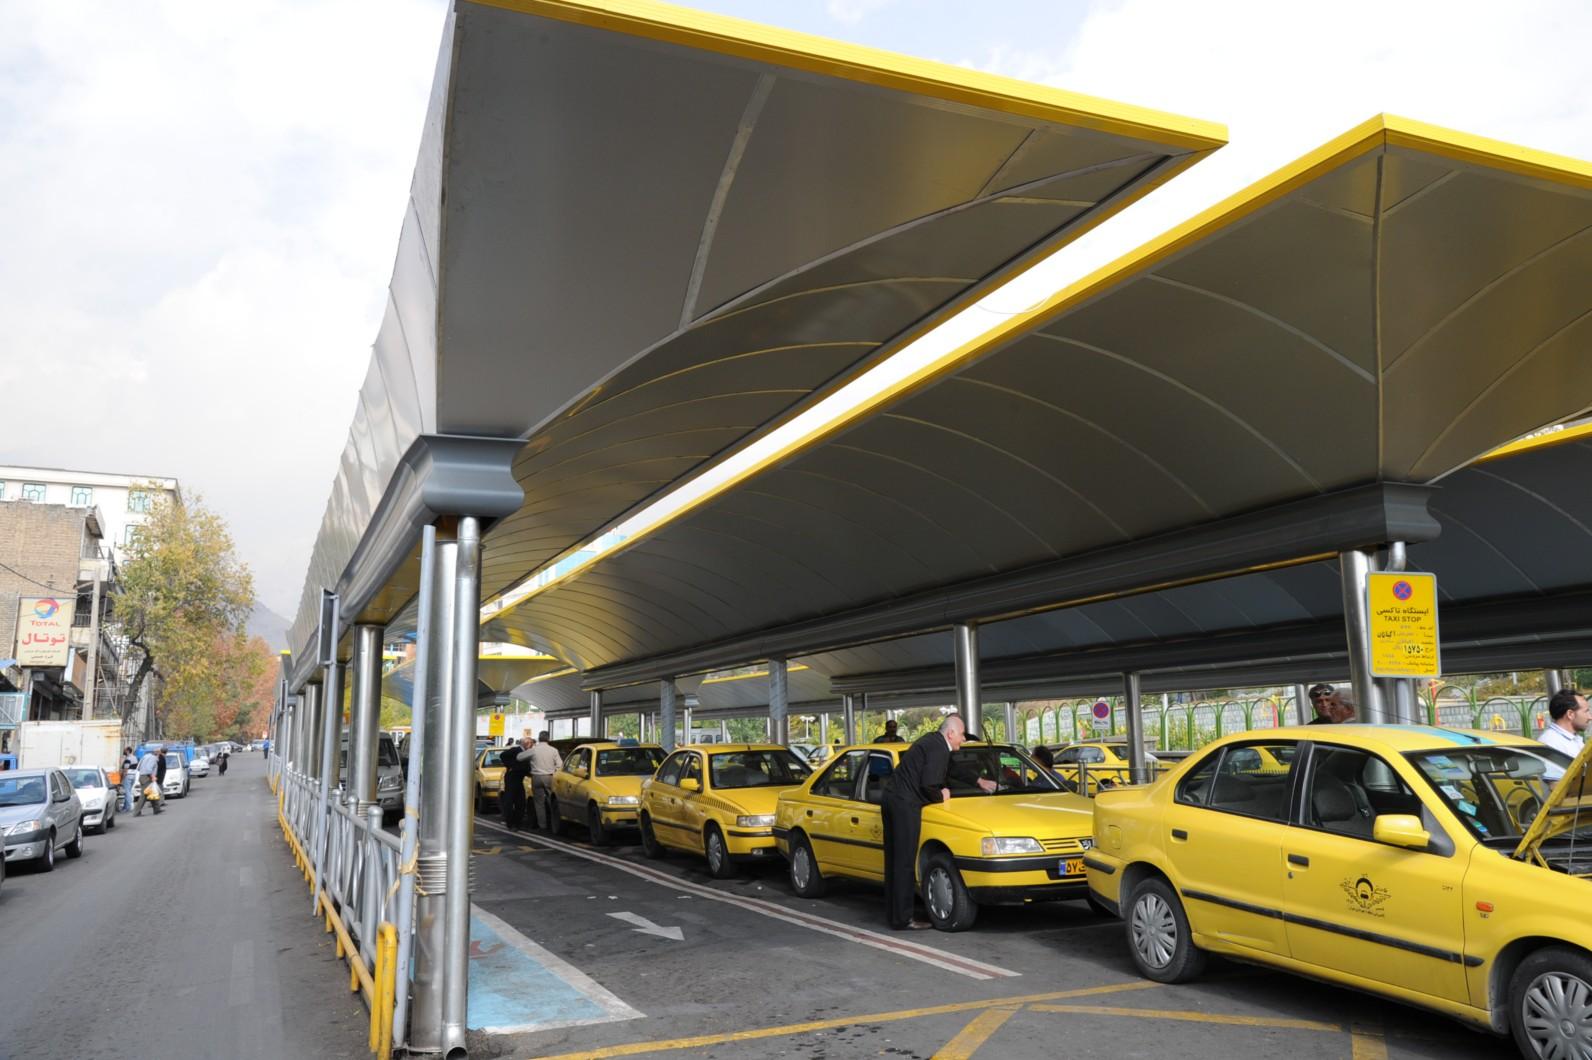 نصب برچسب های نرخ جدید کرایه تاکسی ها تا پایان هفته